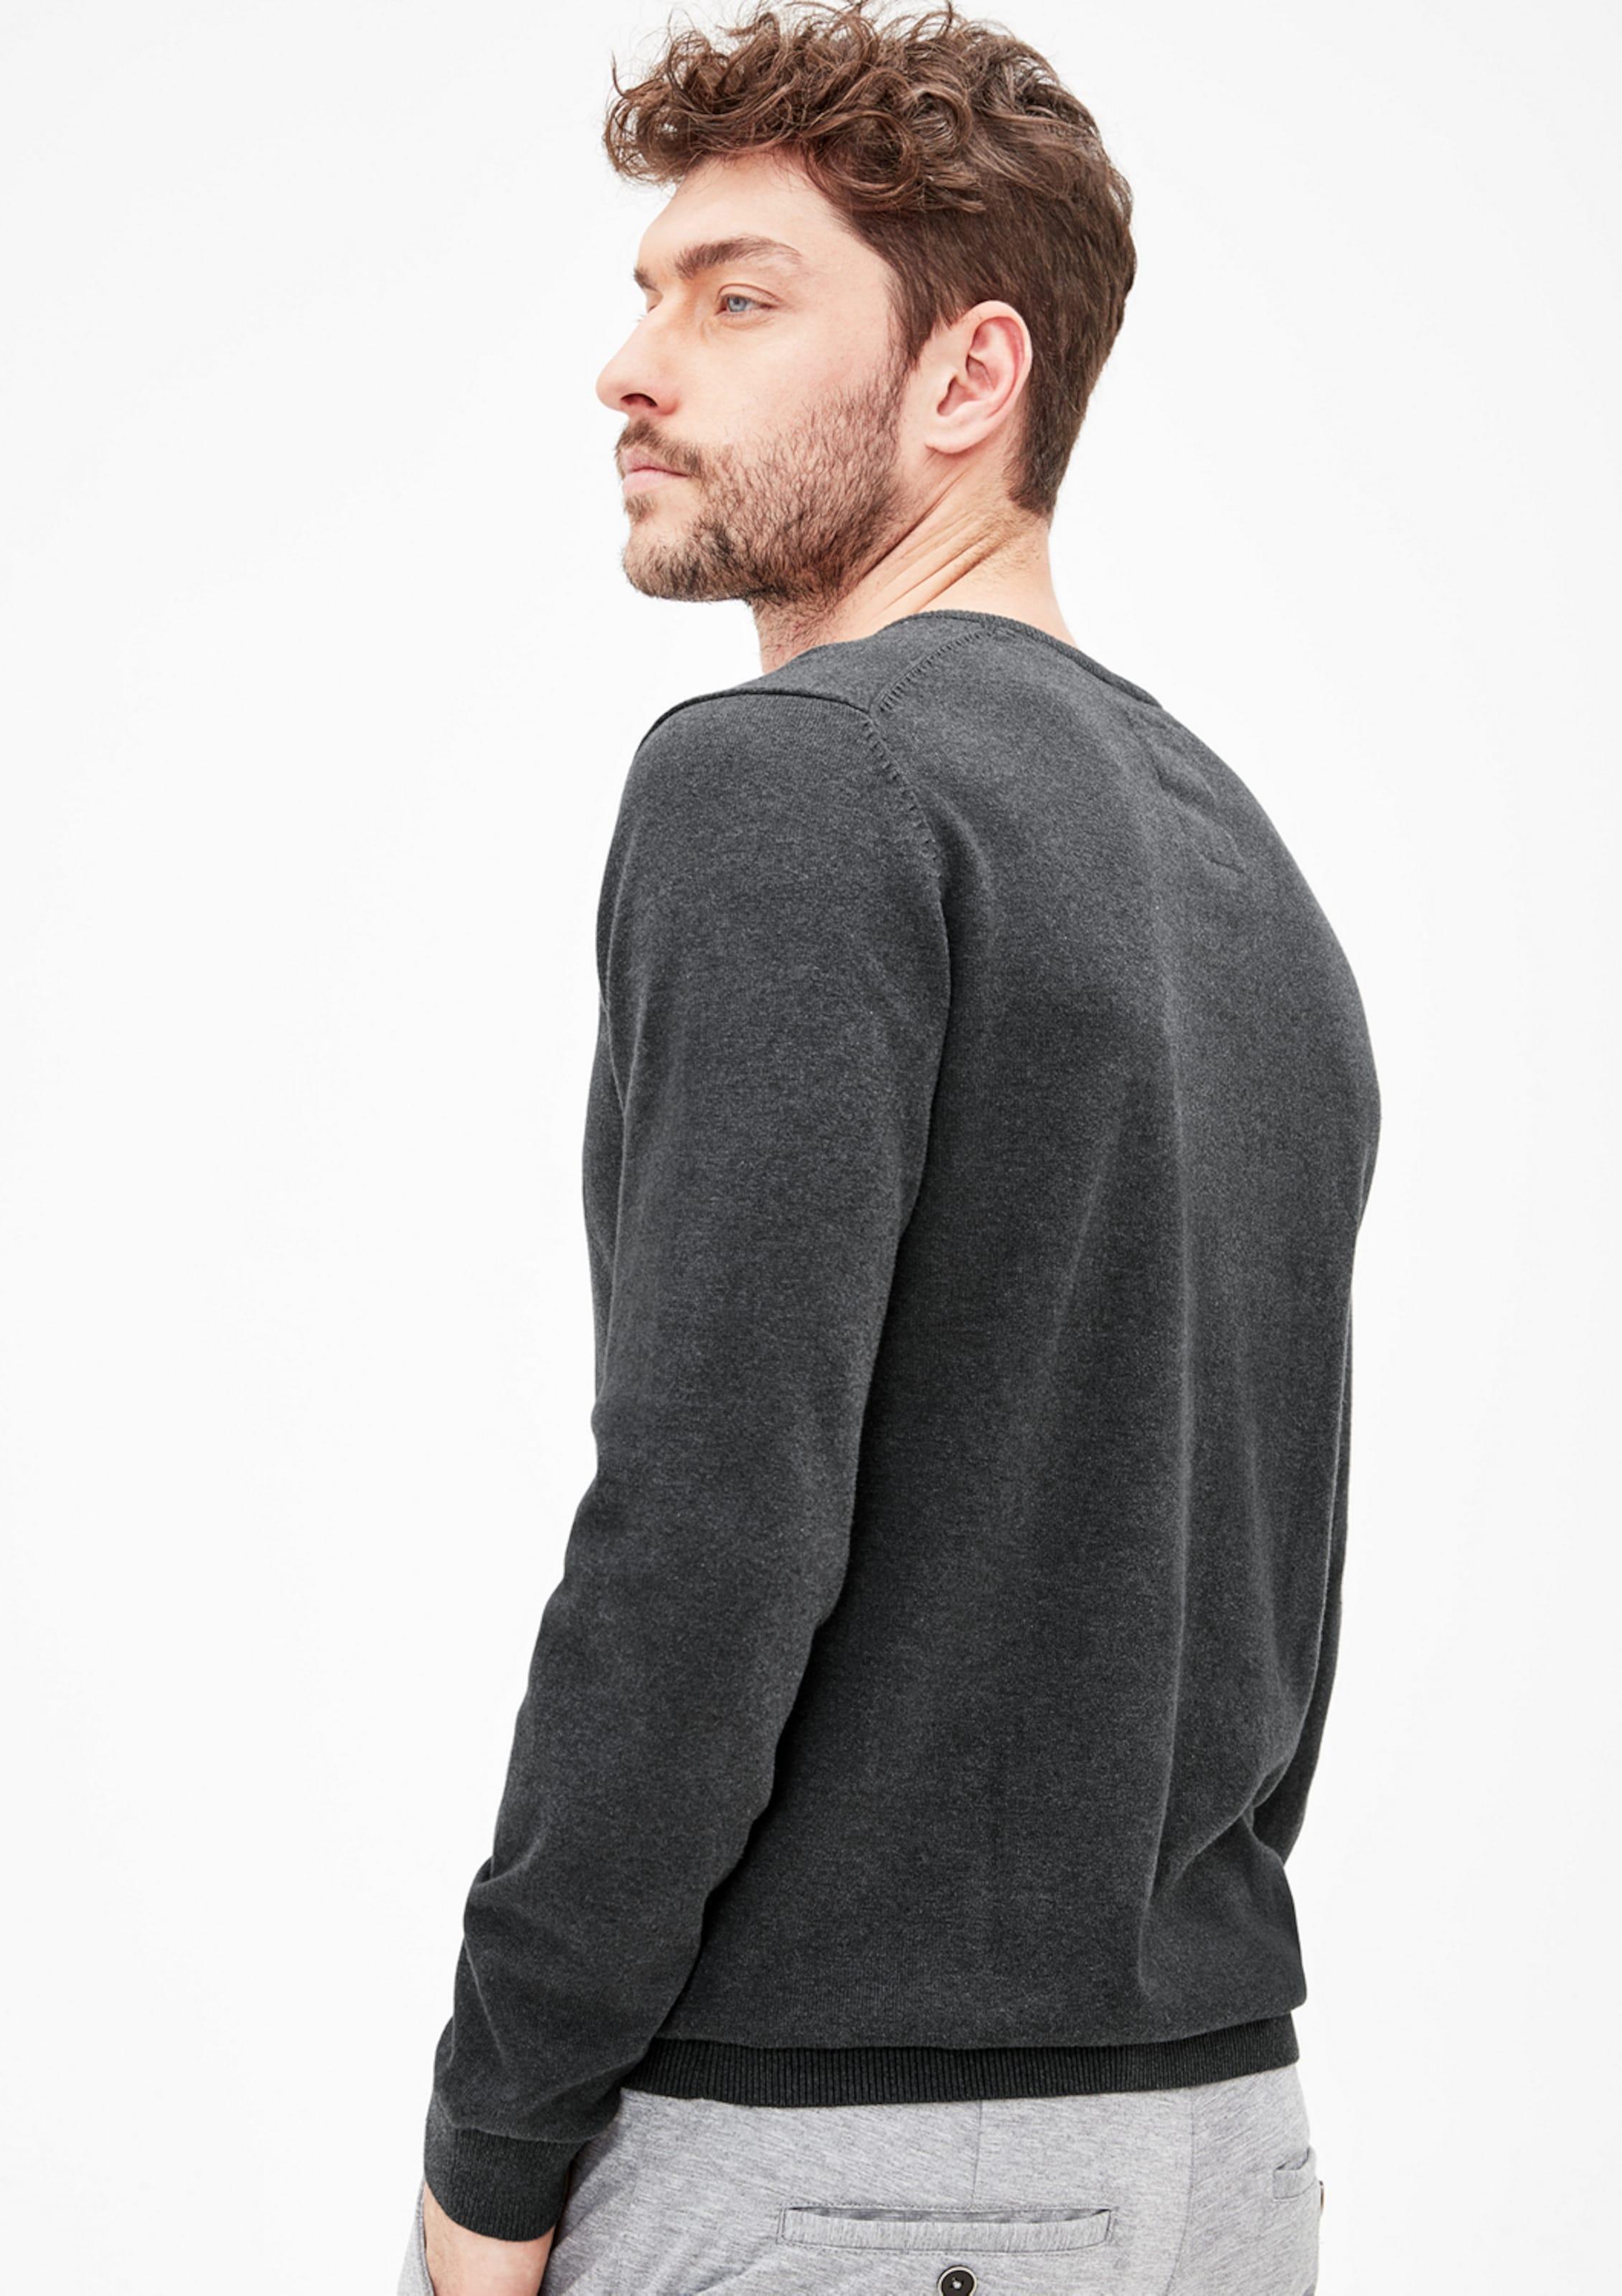 s.Oliver RED LABEL Pullover mit V-Ausschnitt Verkauf Für Schön Outlet Rabatte lB602fj